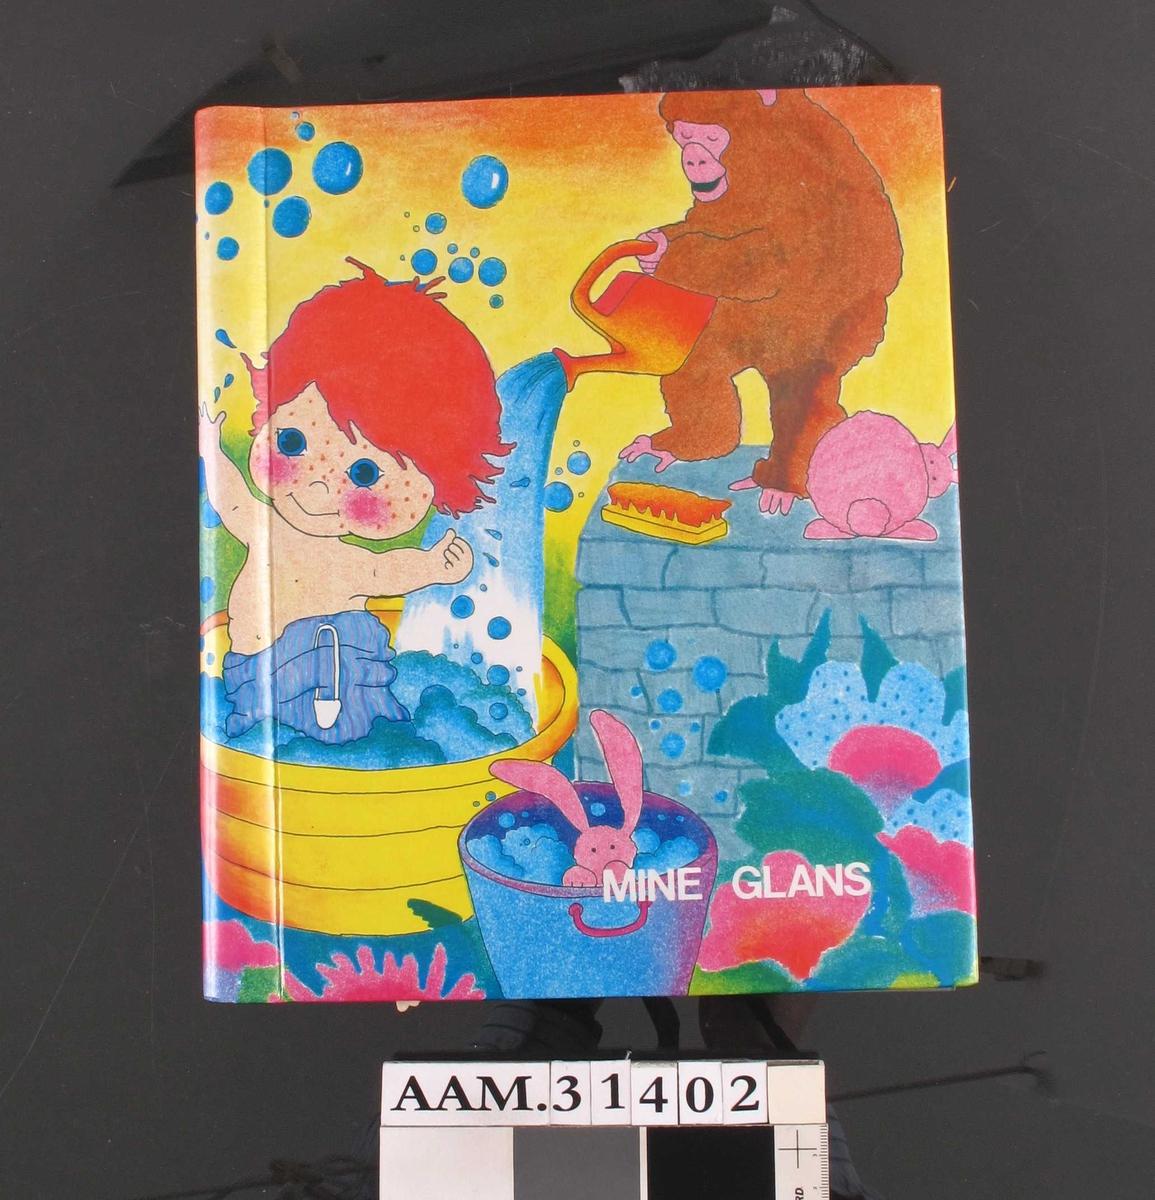 Albumet har dekortegning av badende barn og diverse dyr. Glansbildene har ulike motiver; babyer, barn, dyr, engler, blomster m.m.